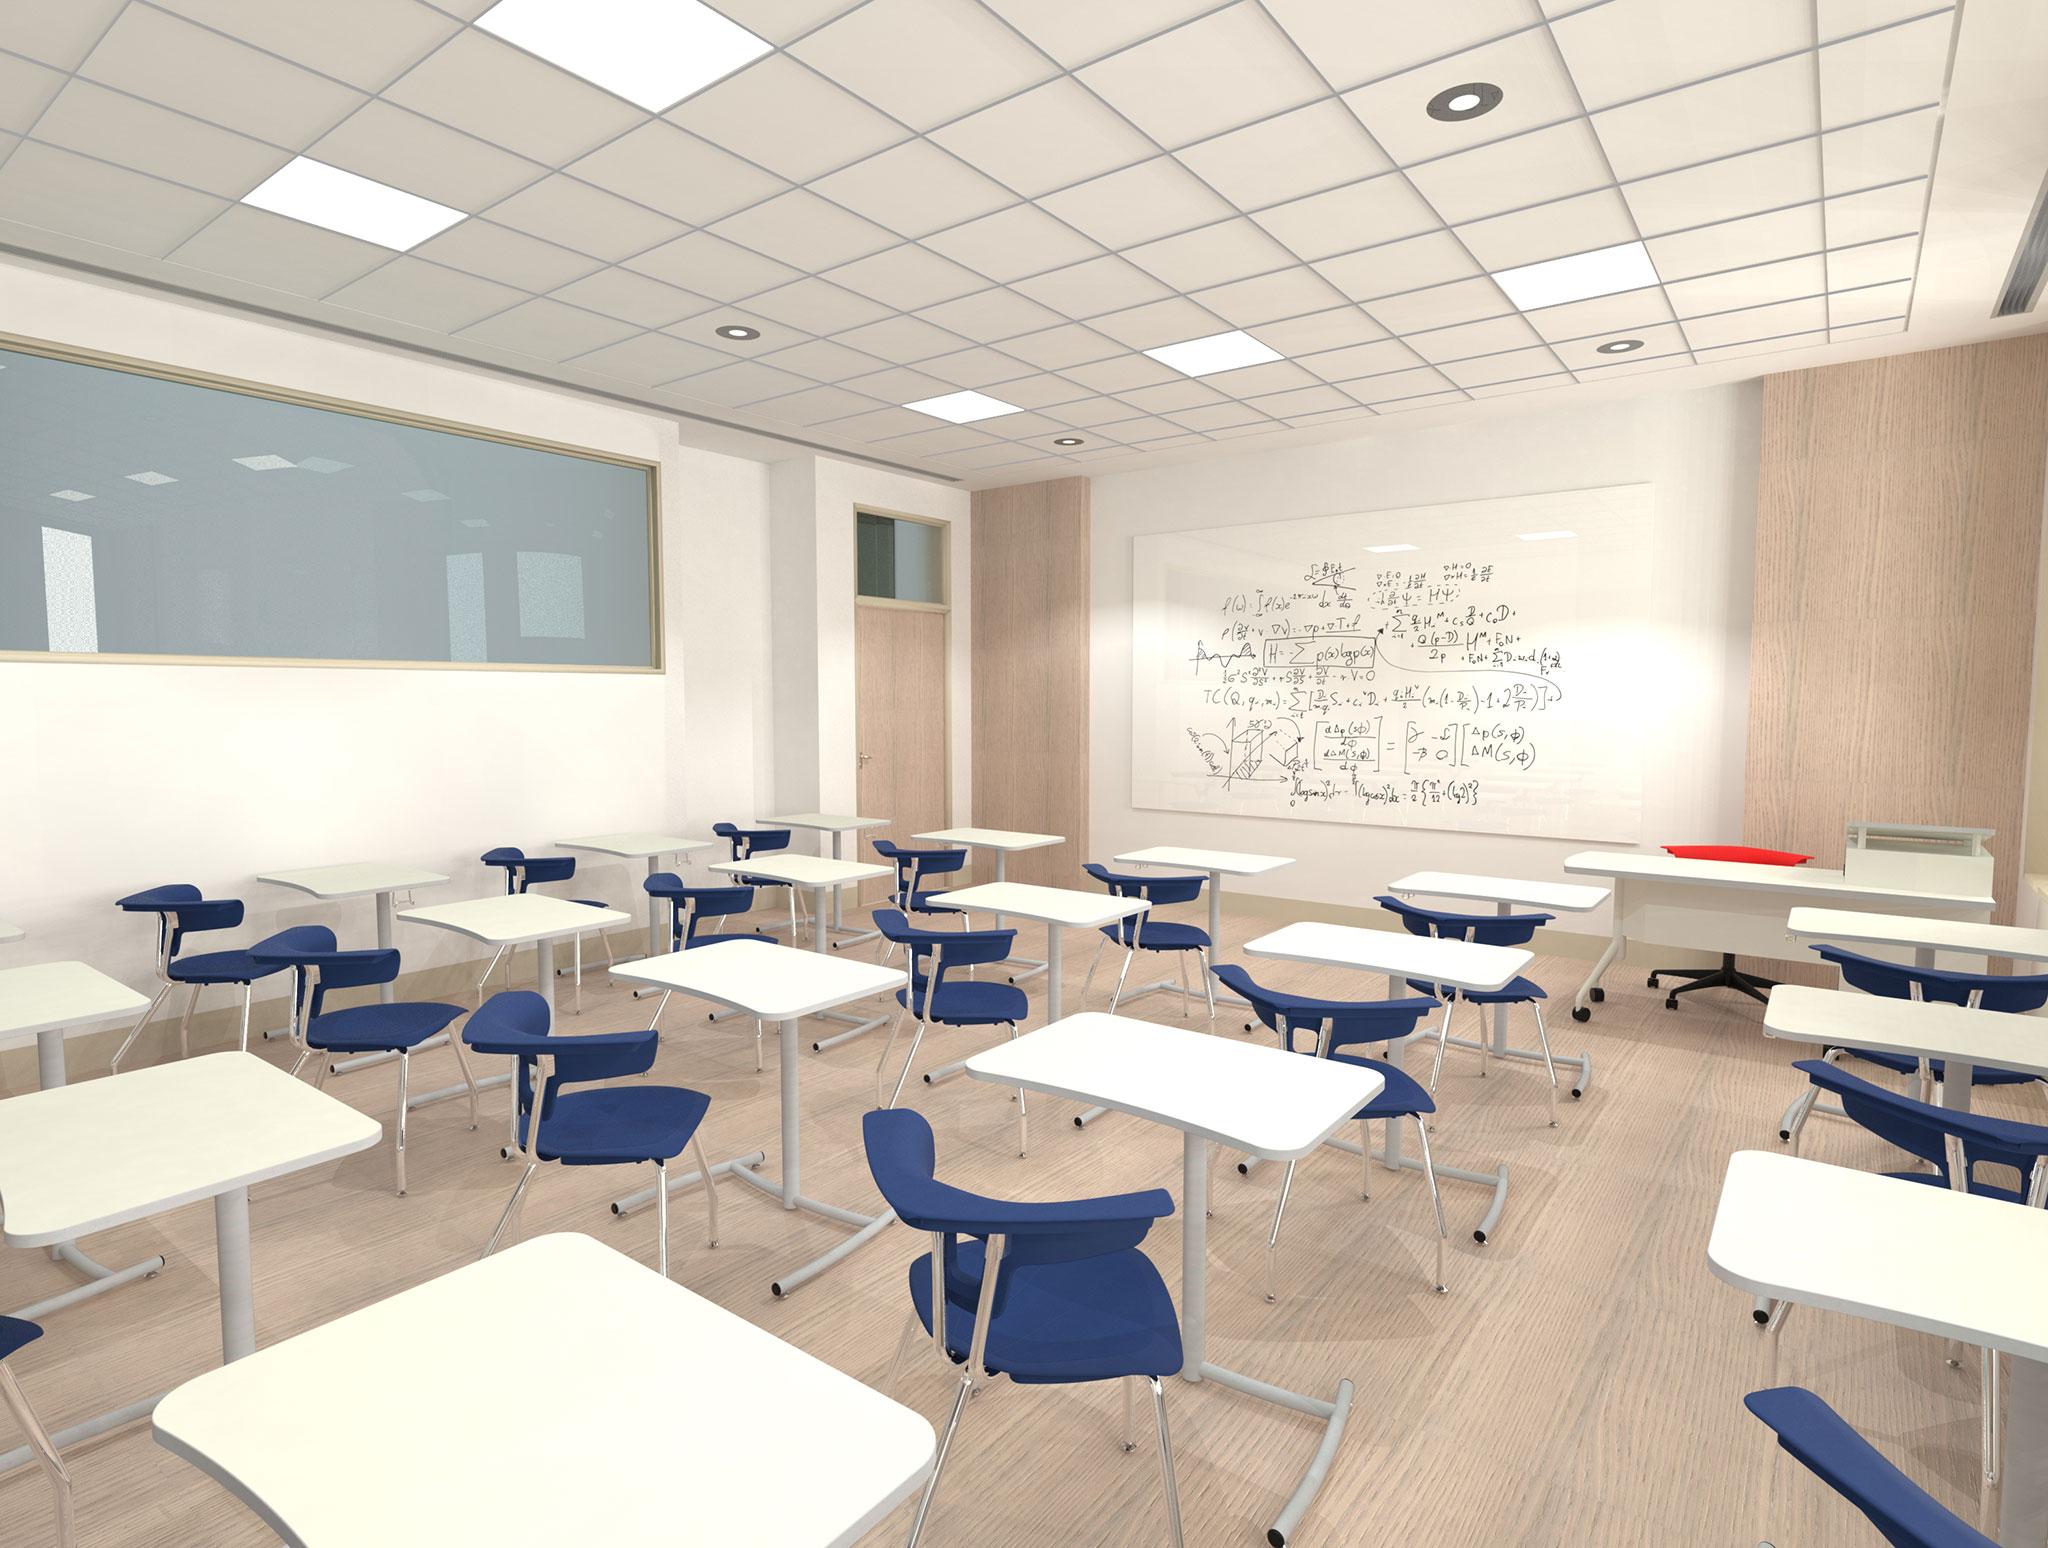 Ruckus_classroomrender_6.jpg